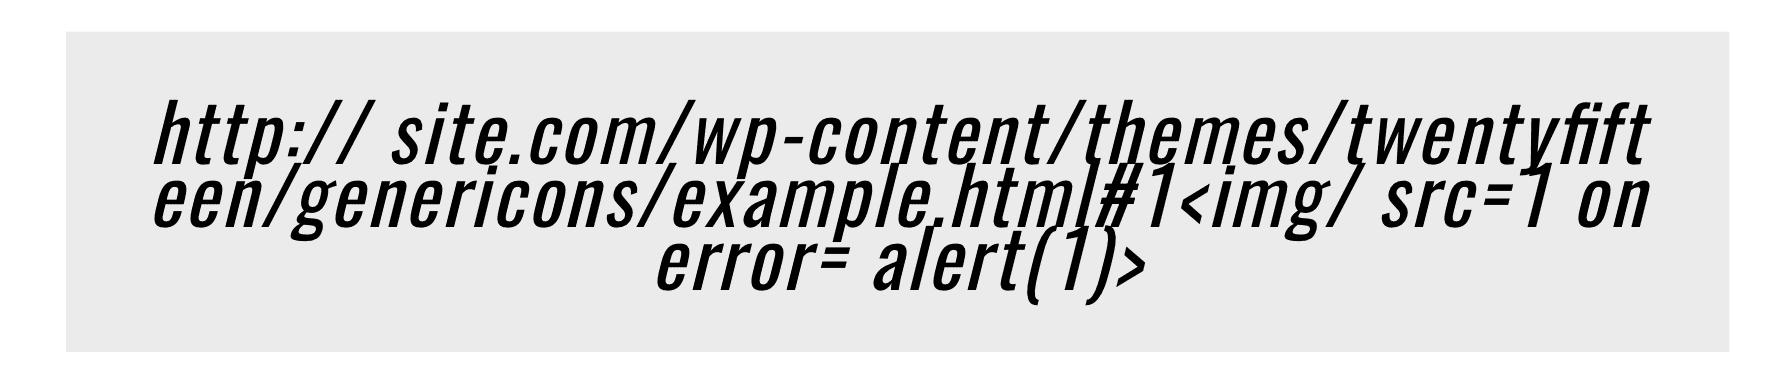 Nach Eingabe dieser URL erschien ein javascript alert. Das ist der Beweis dafür, dass eingegebener javascript code genutzt werden konnte, um die jeweilige Seite zu manipulieren.